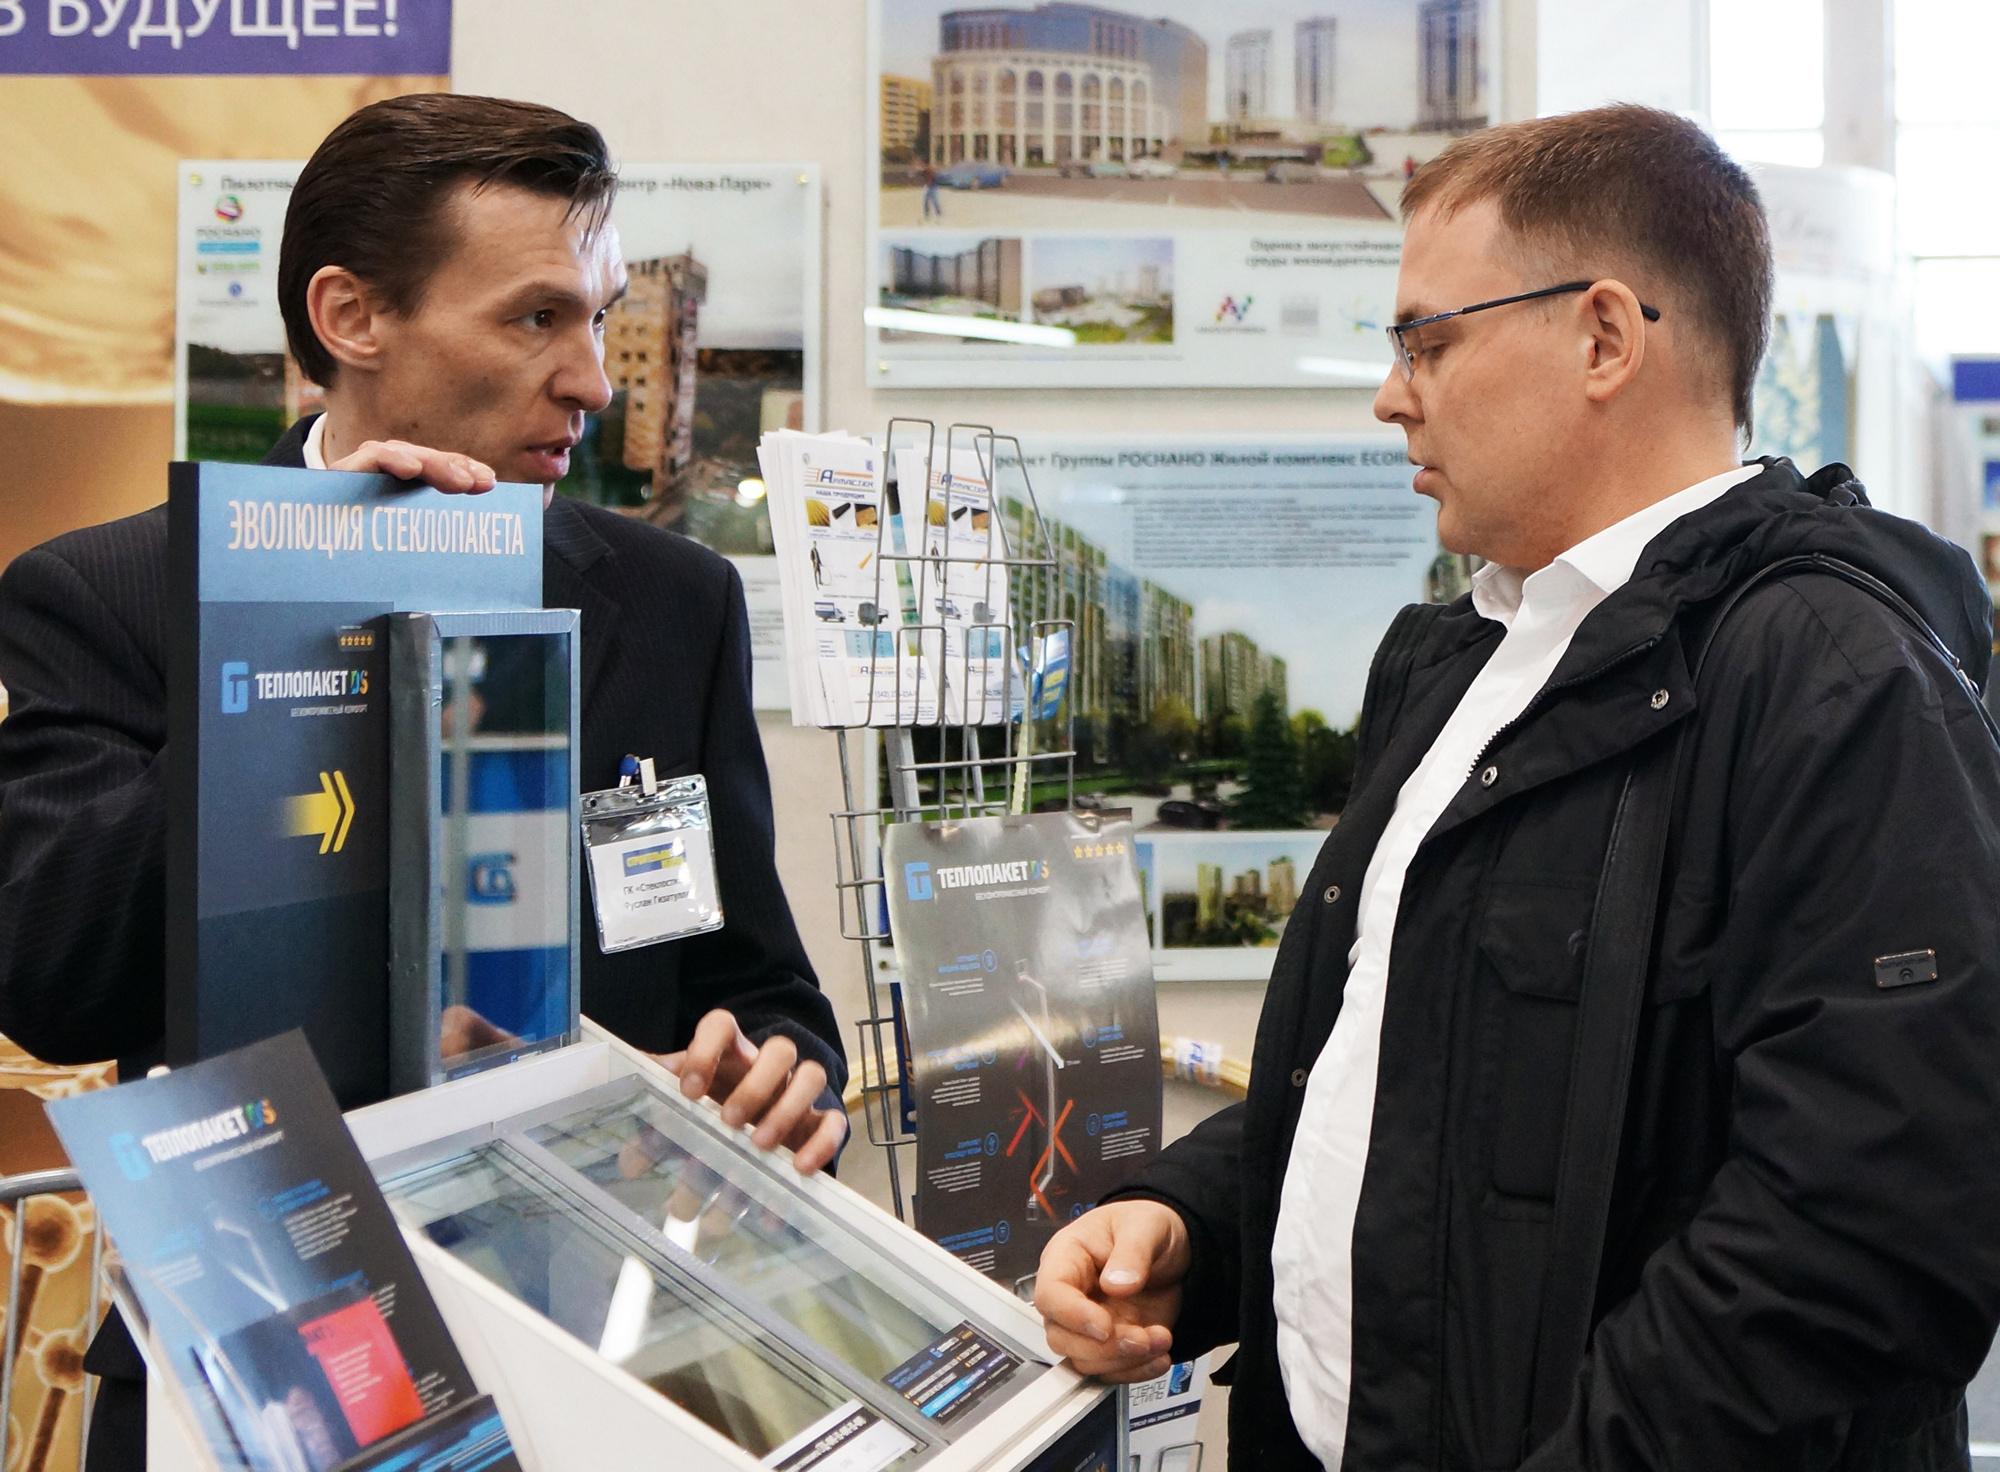 Строительная компания кировская» Ижевск правительство строительные материалы Ижевск